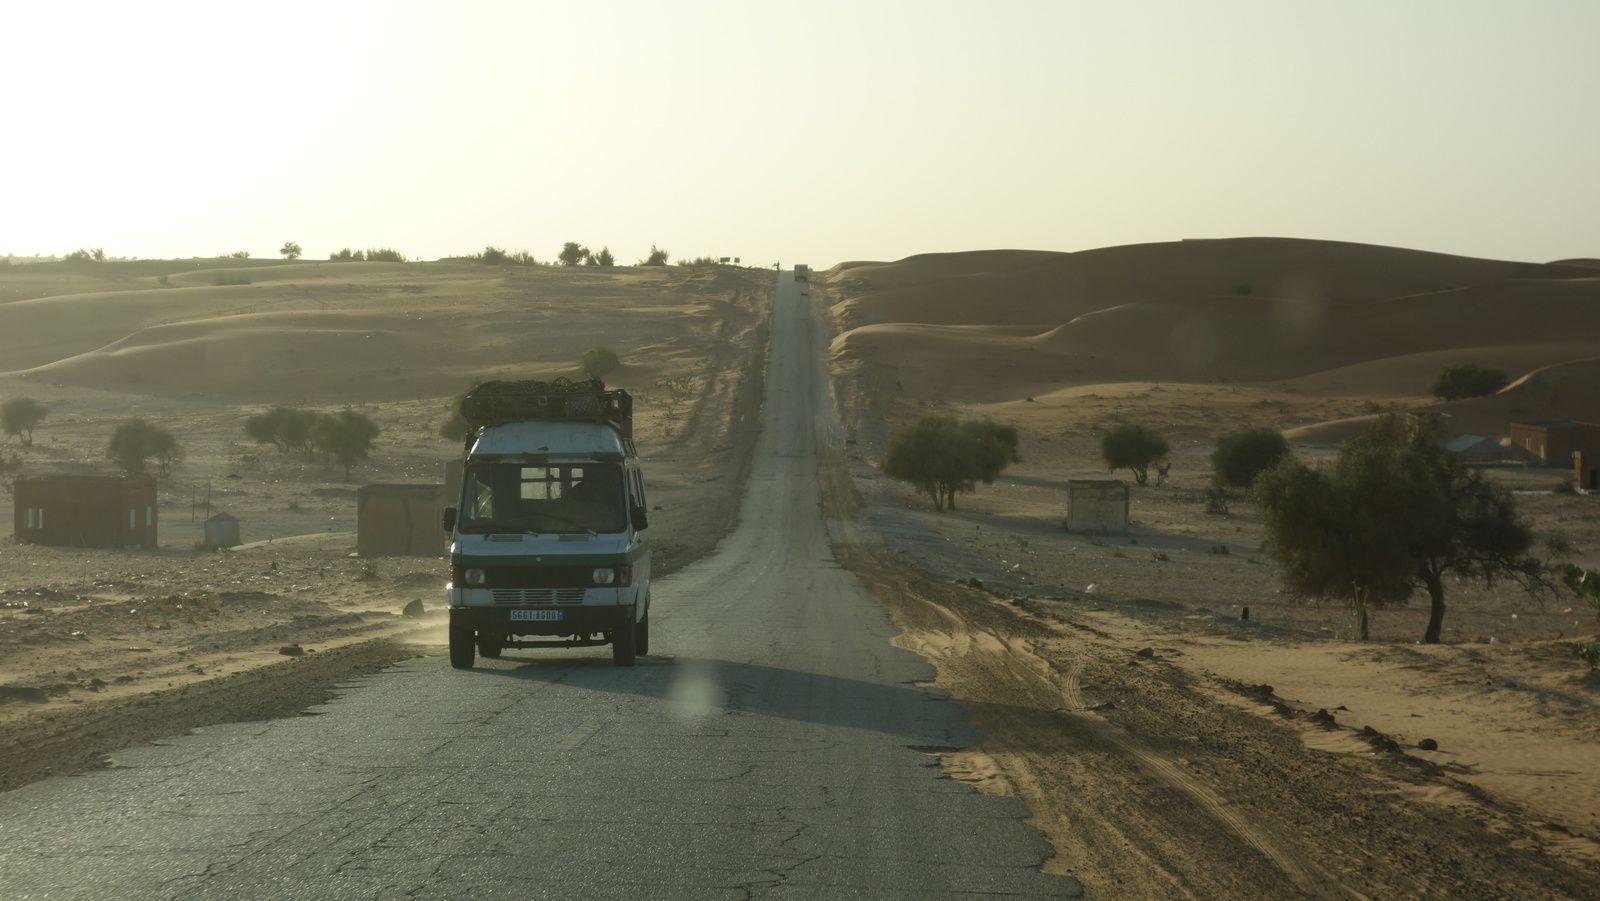 La route dite de l'Espoir, entre Nouakchott et Aleg, capitale de la région du Brakna.